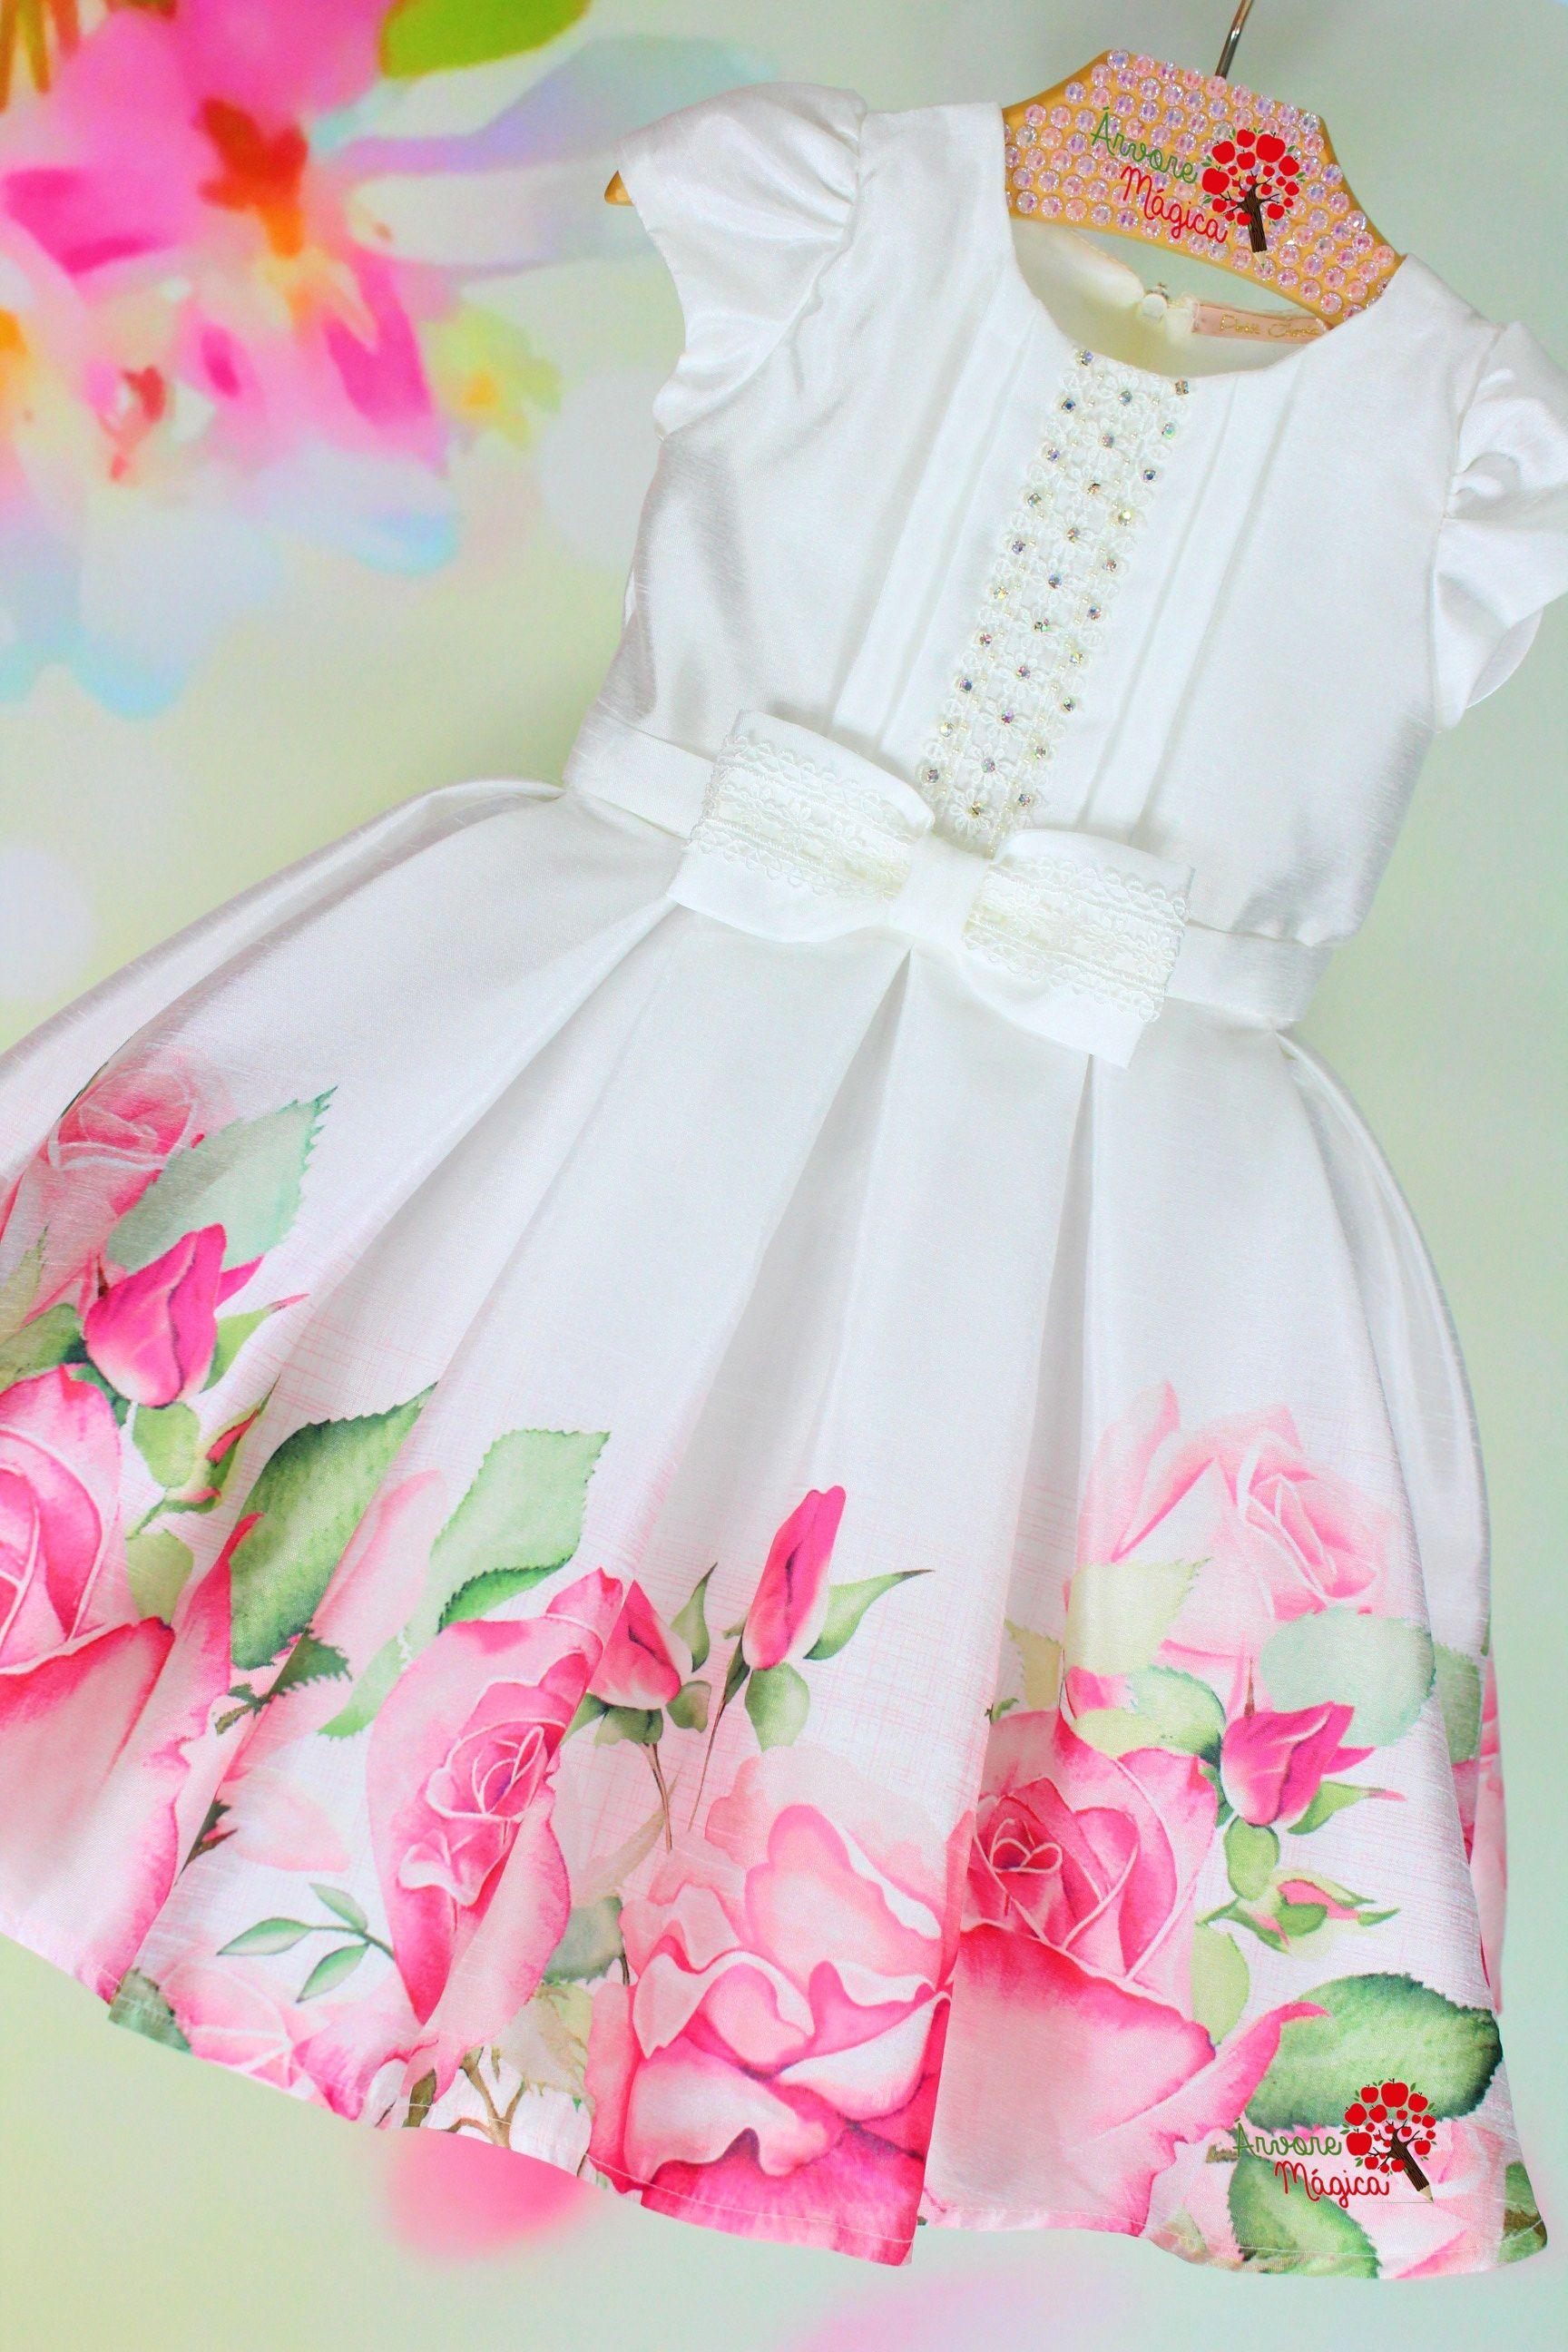 bef8d47f1 Vestido de Festa Infantil Petit Cherie Branco Barra Rosas Pink ...